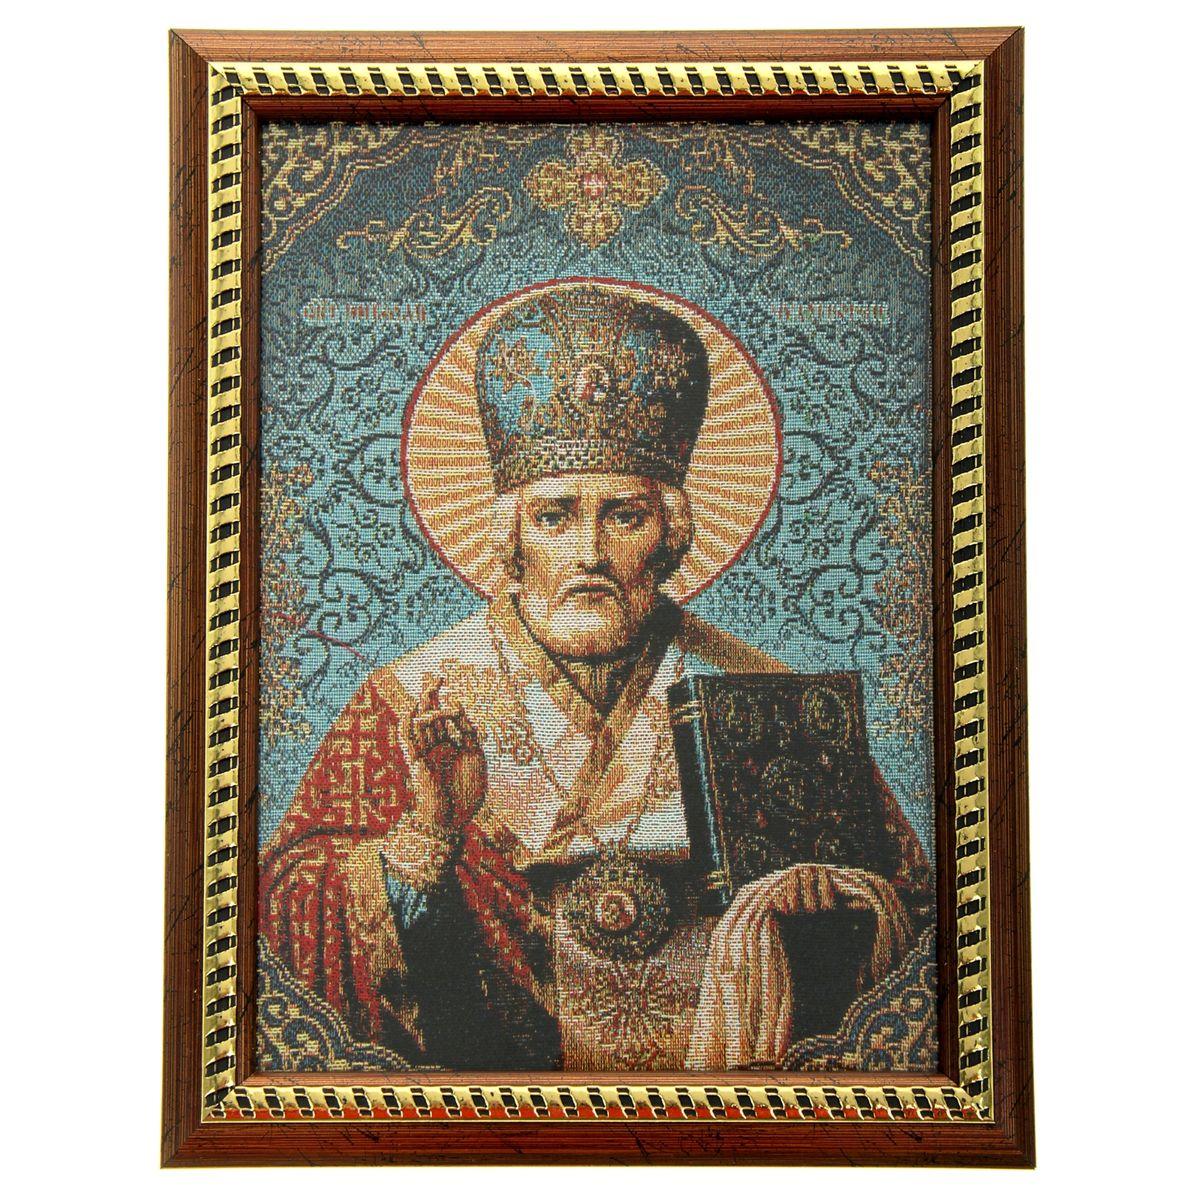 Икона в рамке Святитель Николай Чудотворец, 21 х 27,5 см икона галерея благолепия икона святой николай чудотворец 3 юл 09